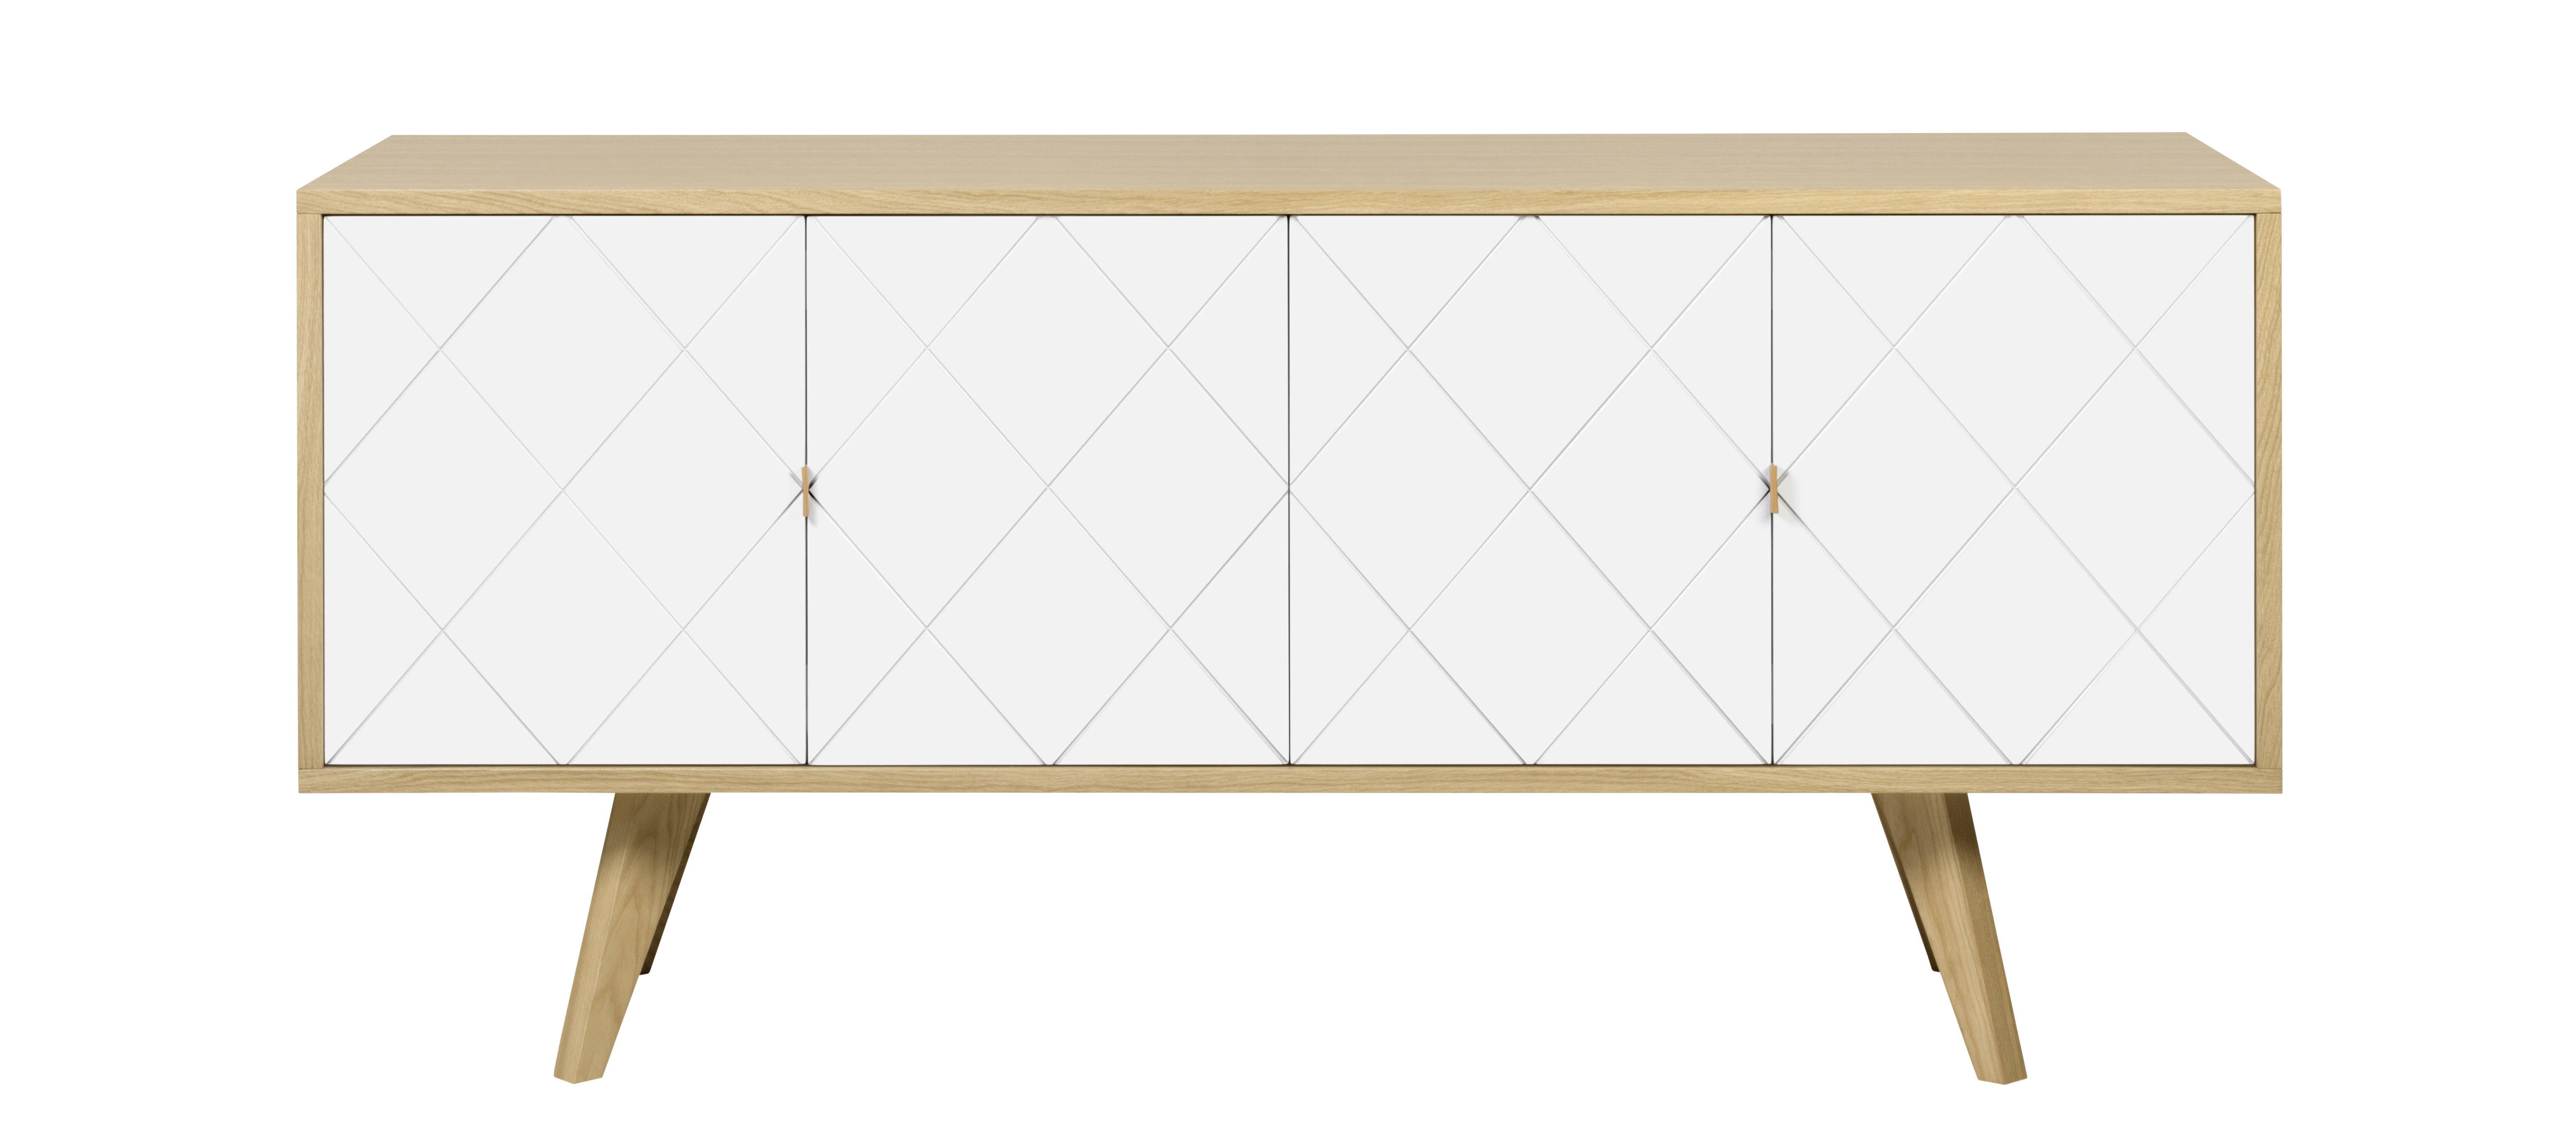 Mobilier - Commodes, buffets & armoires - Buffet Butterfly / L 160 cm - POP UP HOME - Chêne / Blanc - Aggloméré peint, Chêne massif, Contreplaqué chêne